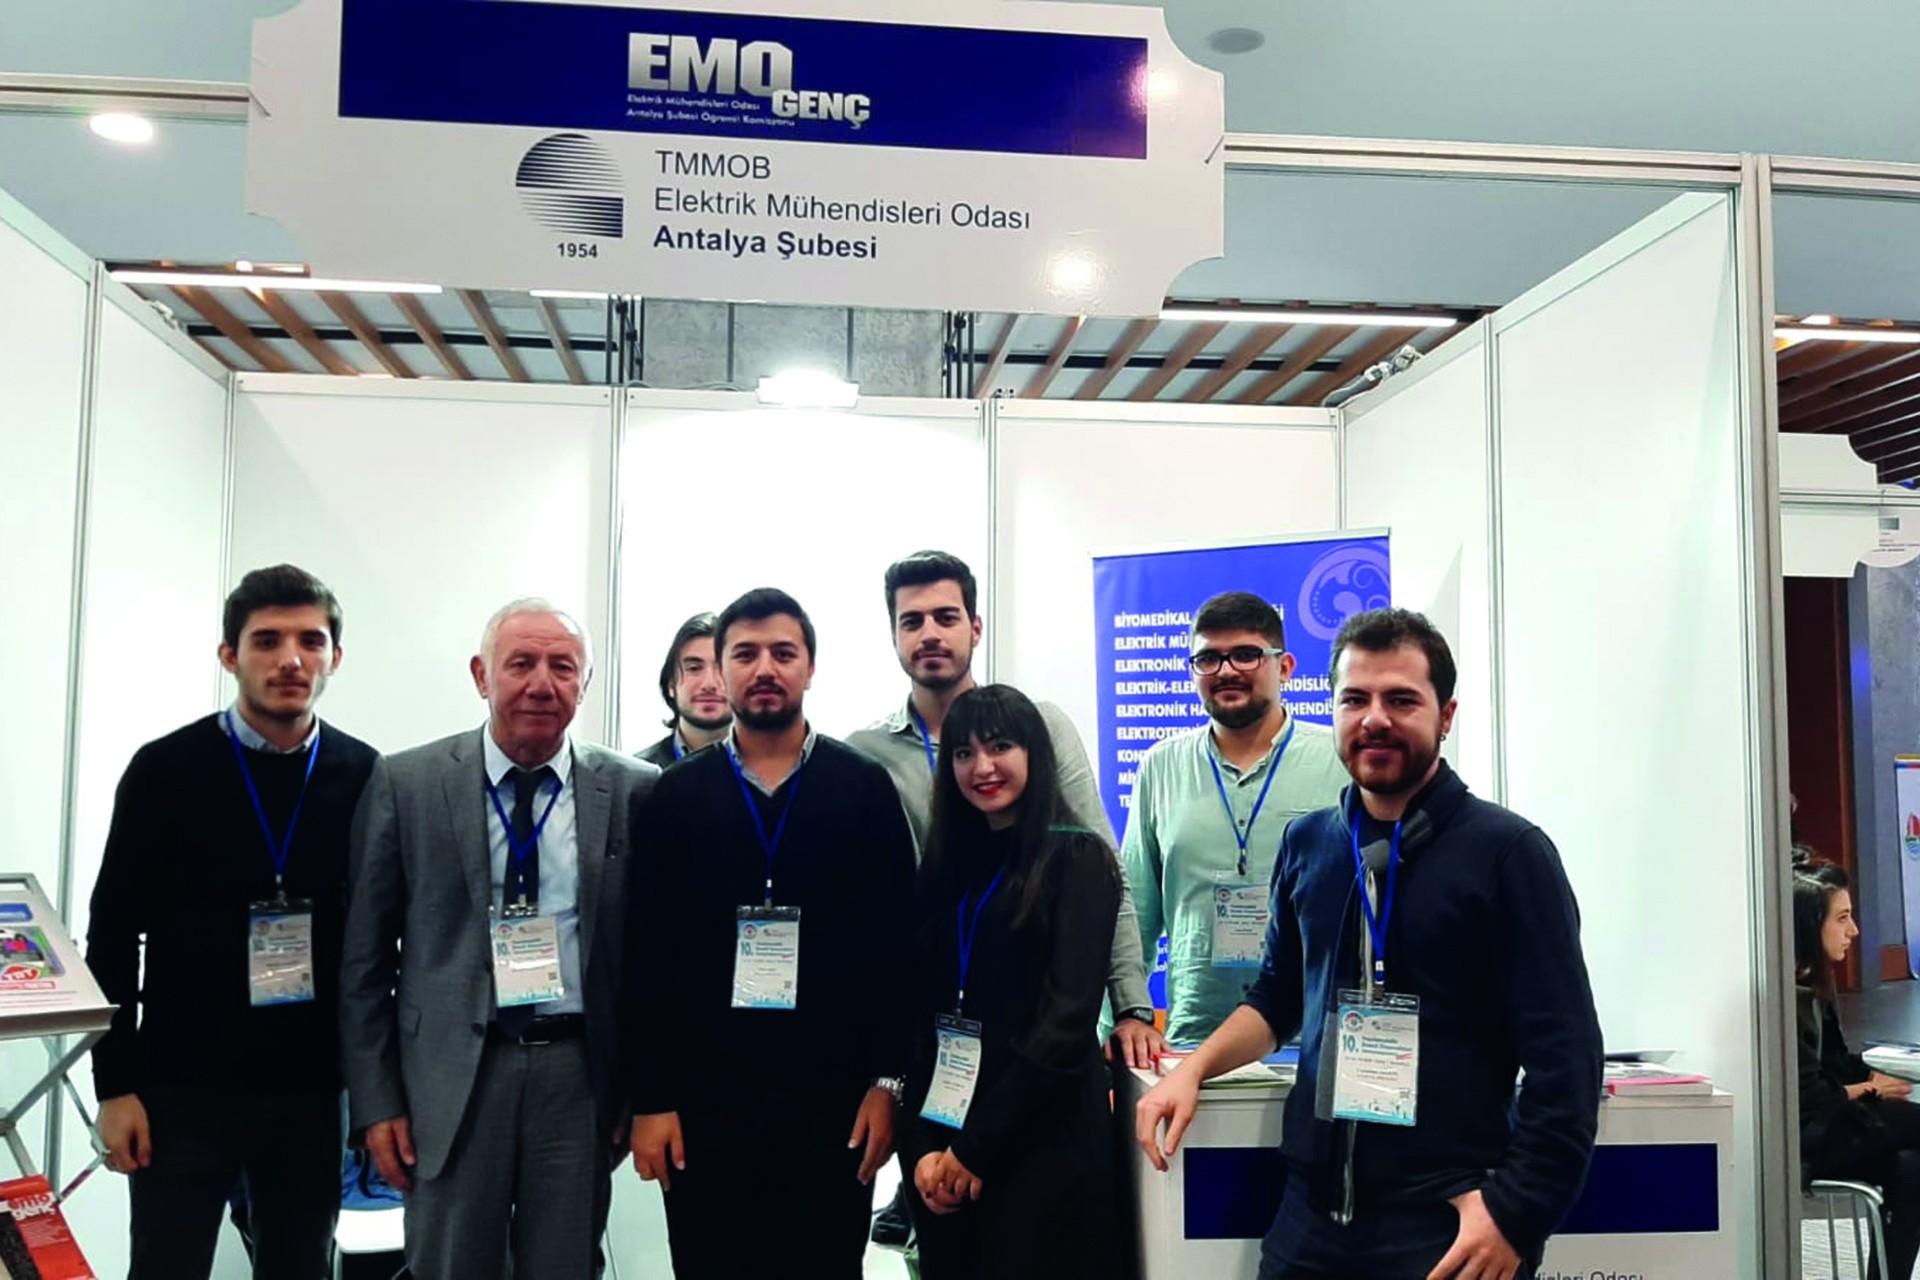 EMO Antalya Şubesi üyeleri